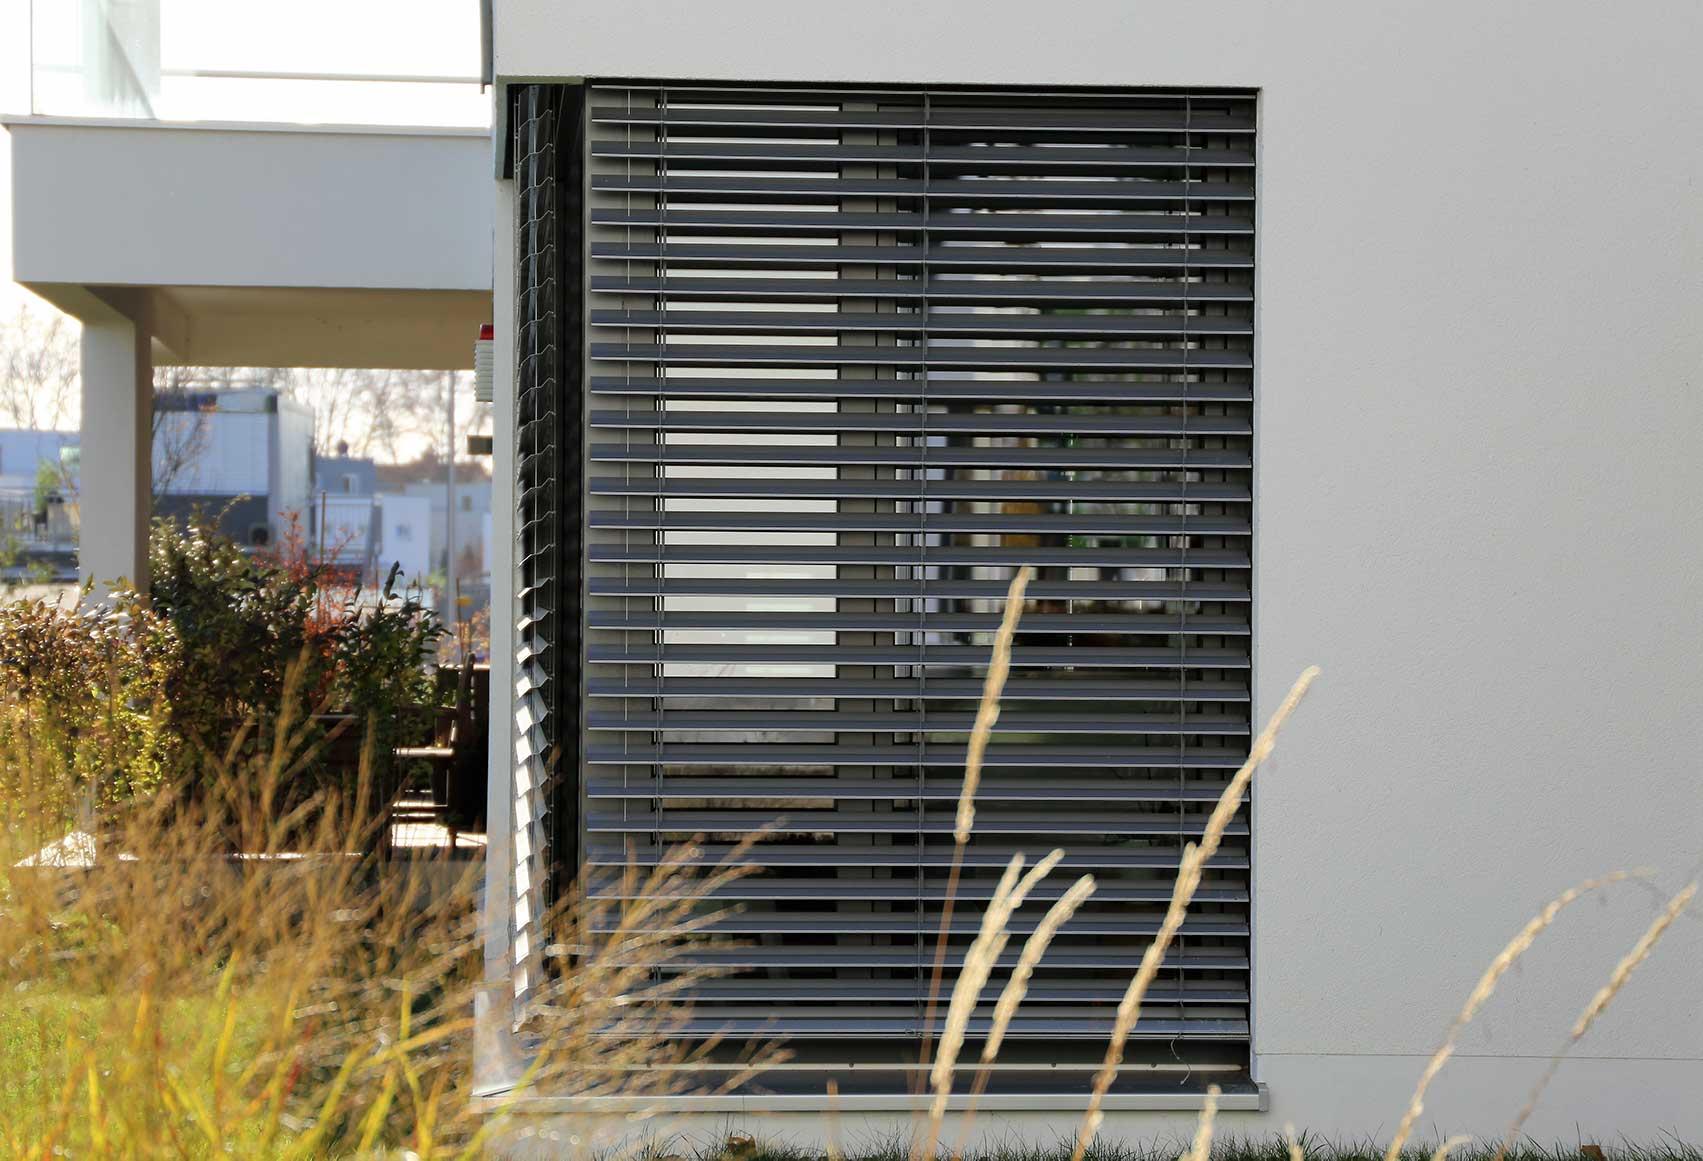 Häufig Große Fenster | Viel Licht & helle Räume | Deutsche Fensterbau MH67